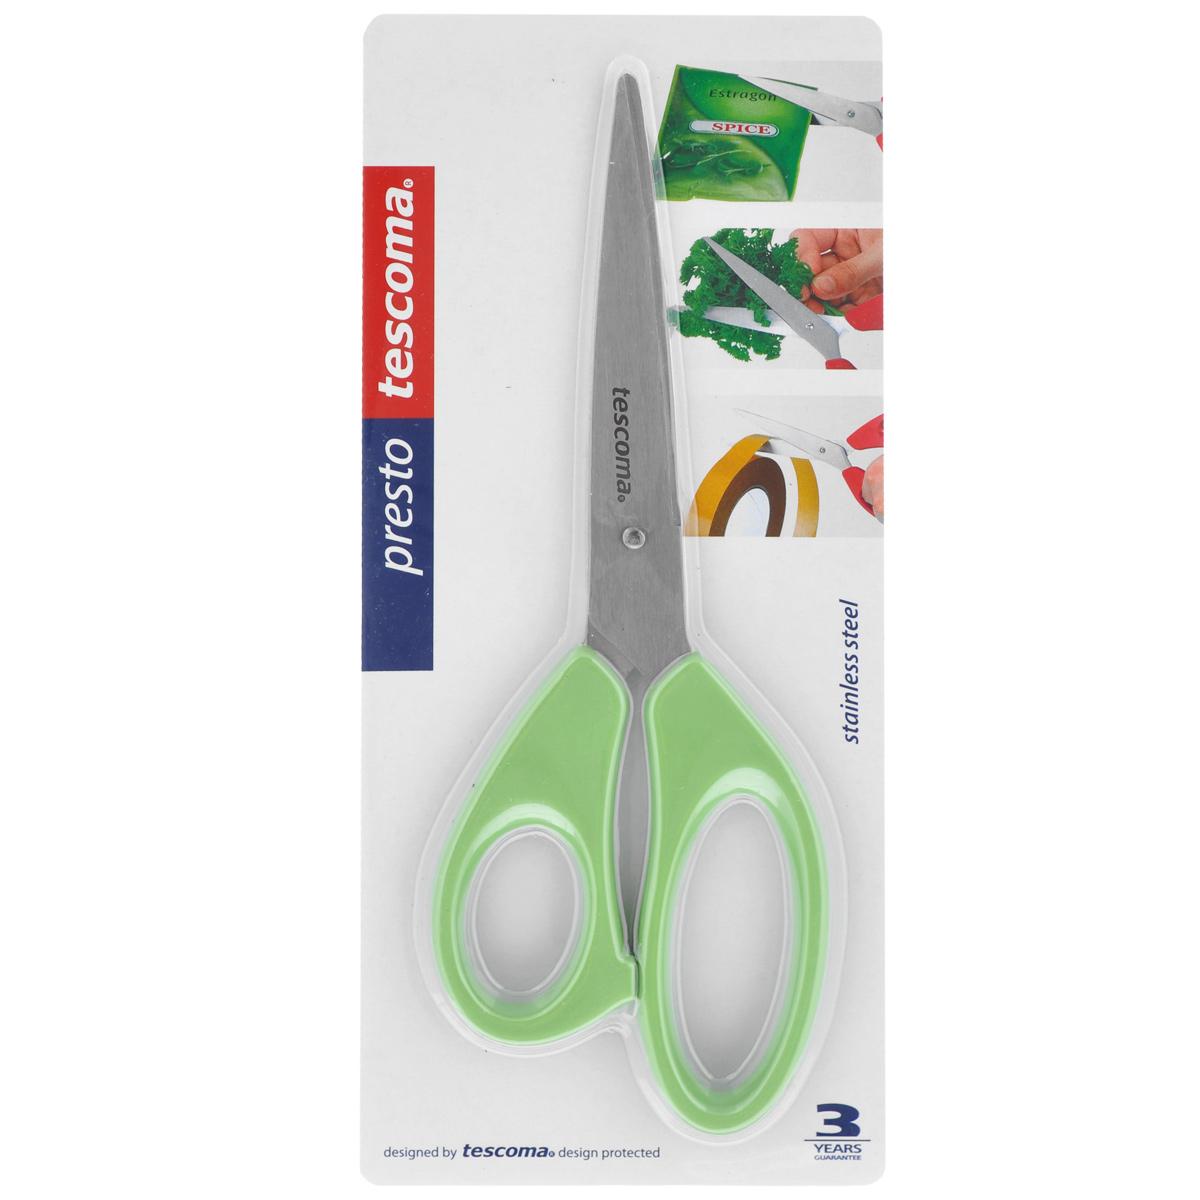 Ножницы Tescoma Presto, цвет: салатовый, длина 22 см888214_салатовыйУниверсальные ножницы Tescoma Presto предназначены для дома и офиса, пригодны для резки всех обычных материалов - бумаги, ткани и т.д. Ими также удобно нарезать зелень, разрезать пакеты. Лезвия изготовлены из первоклассной нержавеющей стали, а рукоятки - из пластика.Длина ножниц: 22 см.